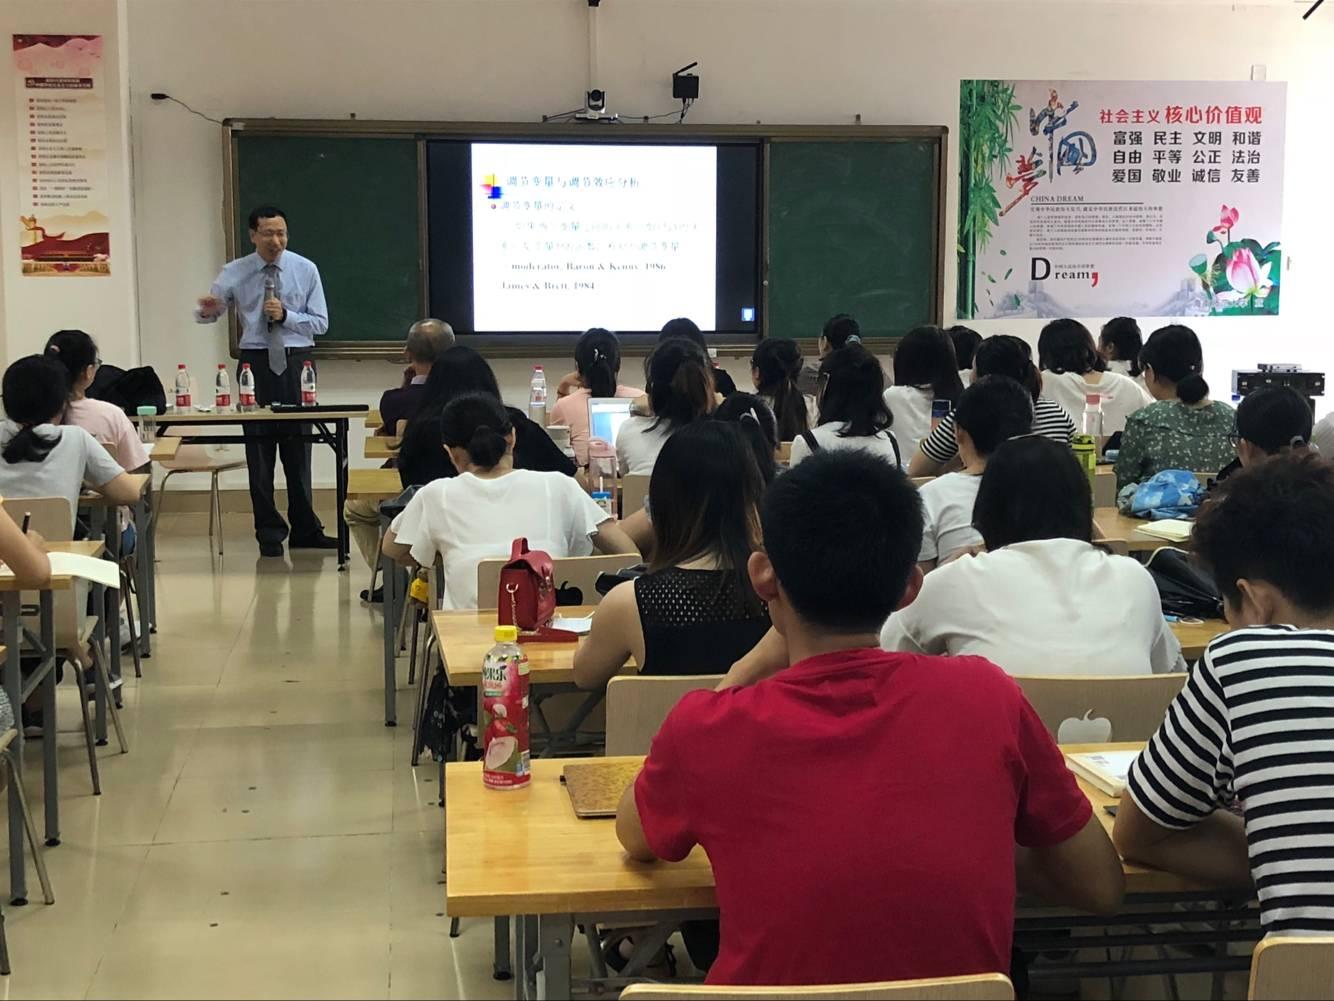 华南师范大学博士生导师温忠麟教授来我校讲学